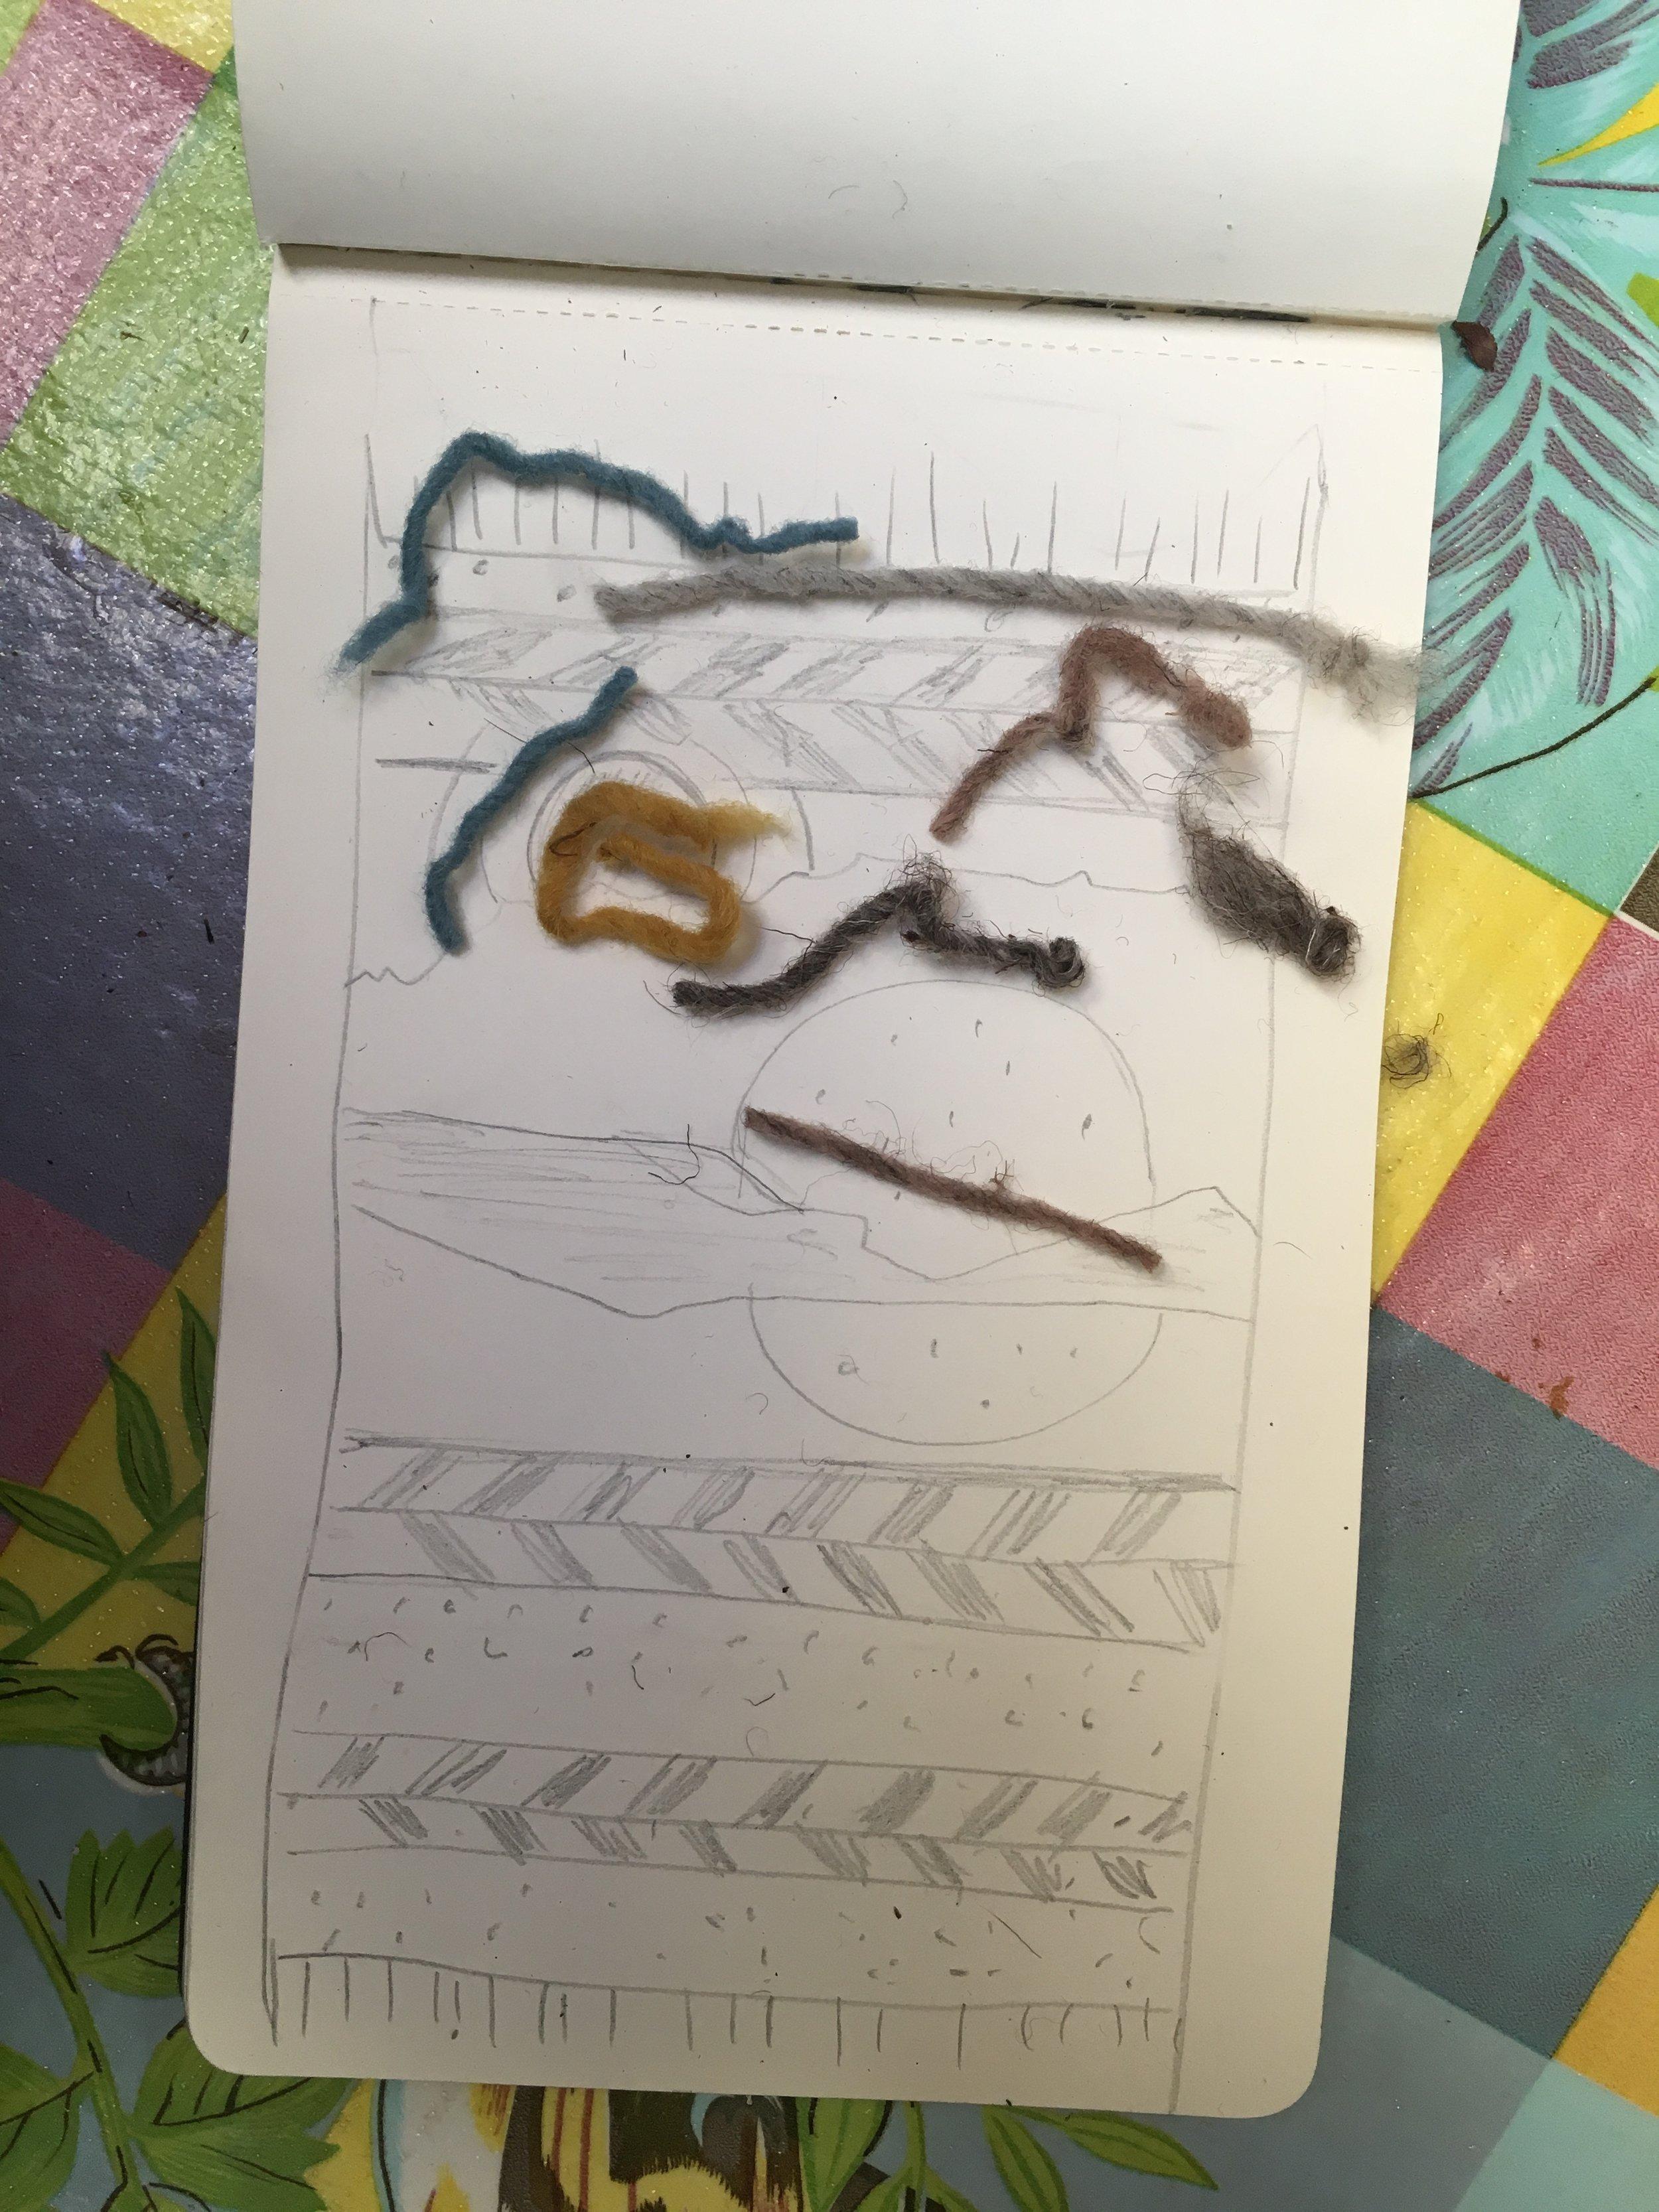 Designing my weaving at Fé y Lola in Teotitlán